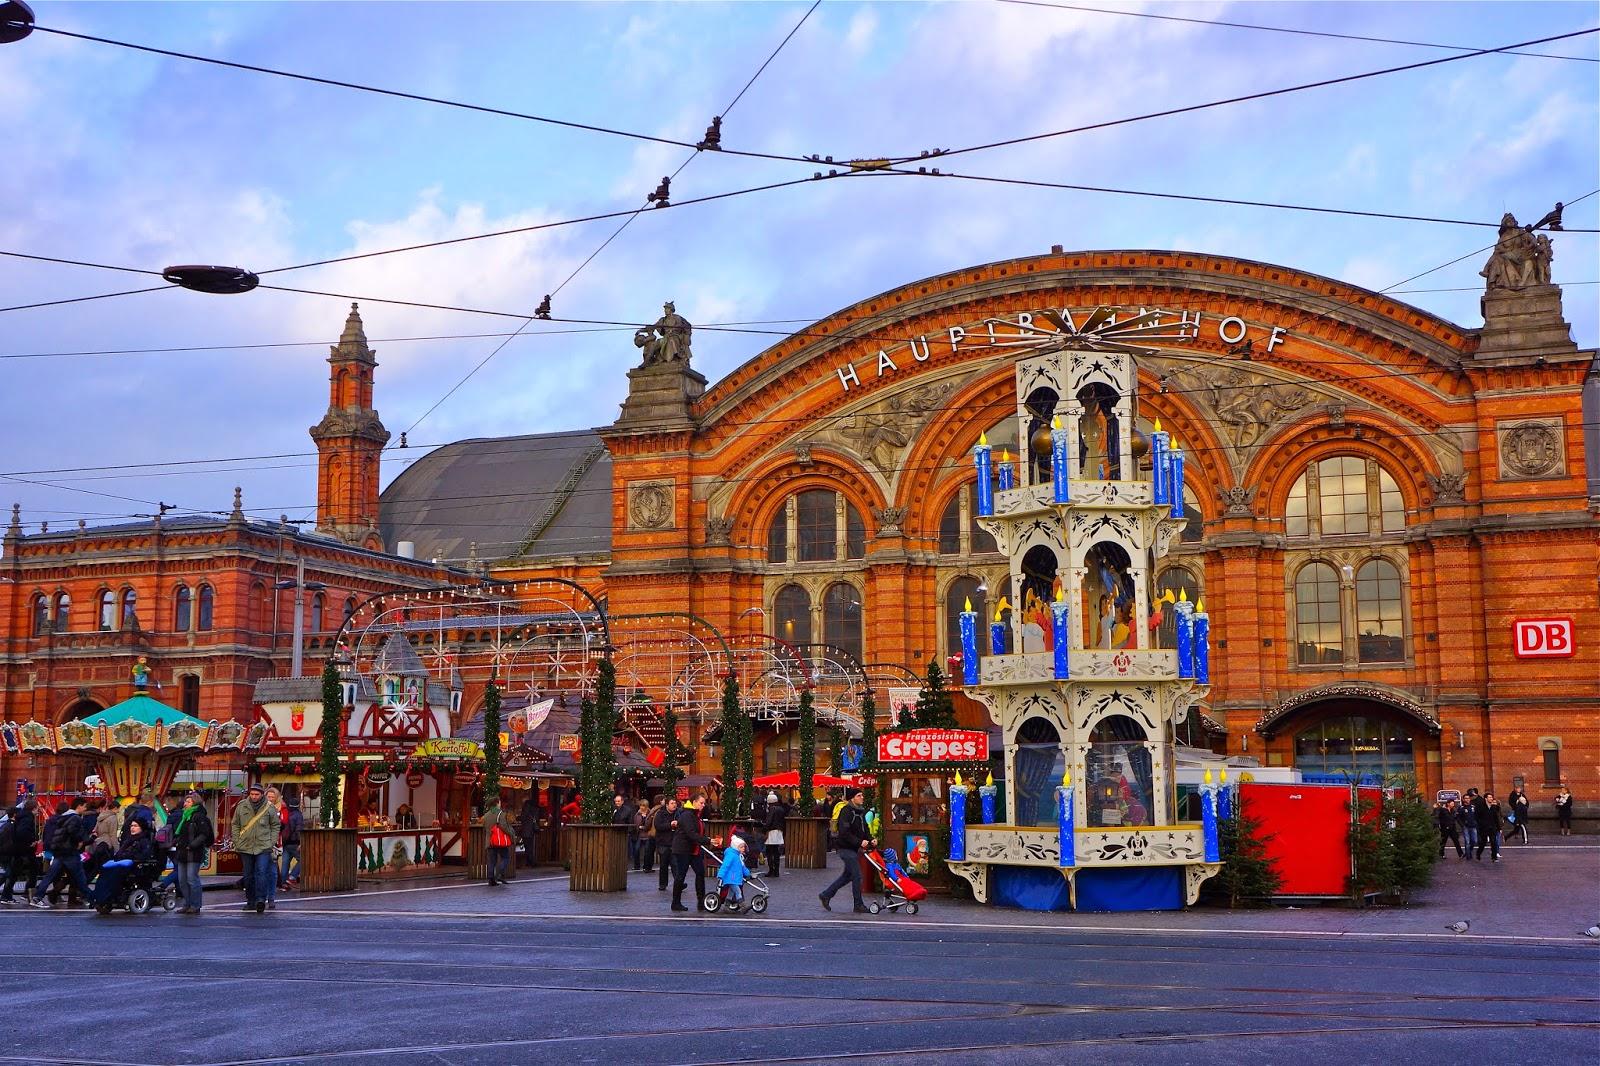 Groningen Weihnachtsmarkt.Photoblog On The Go December 2013